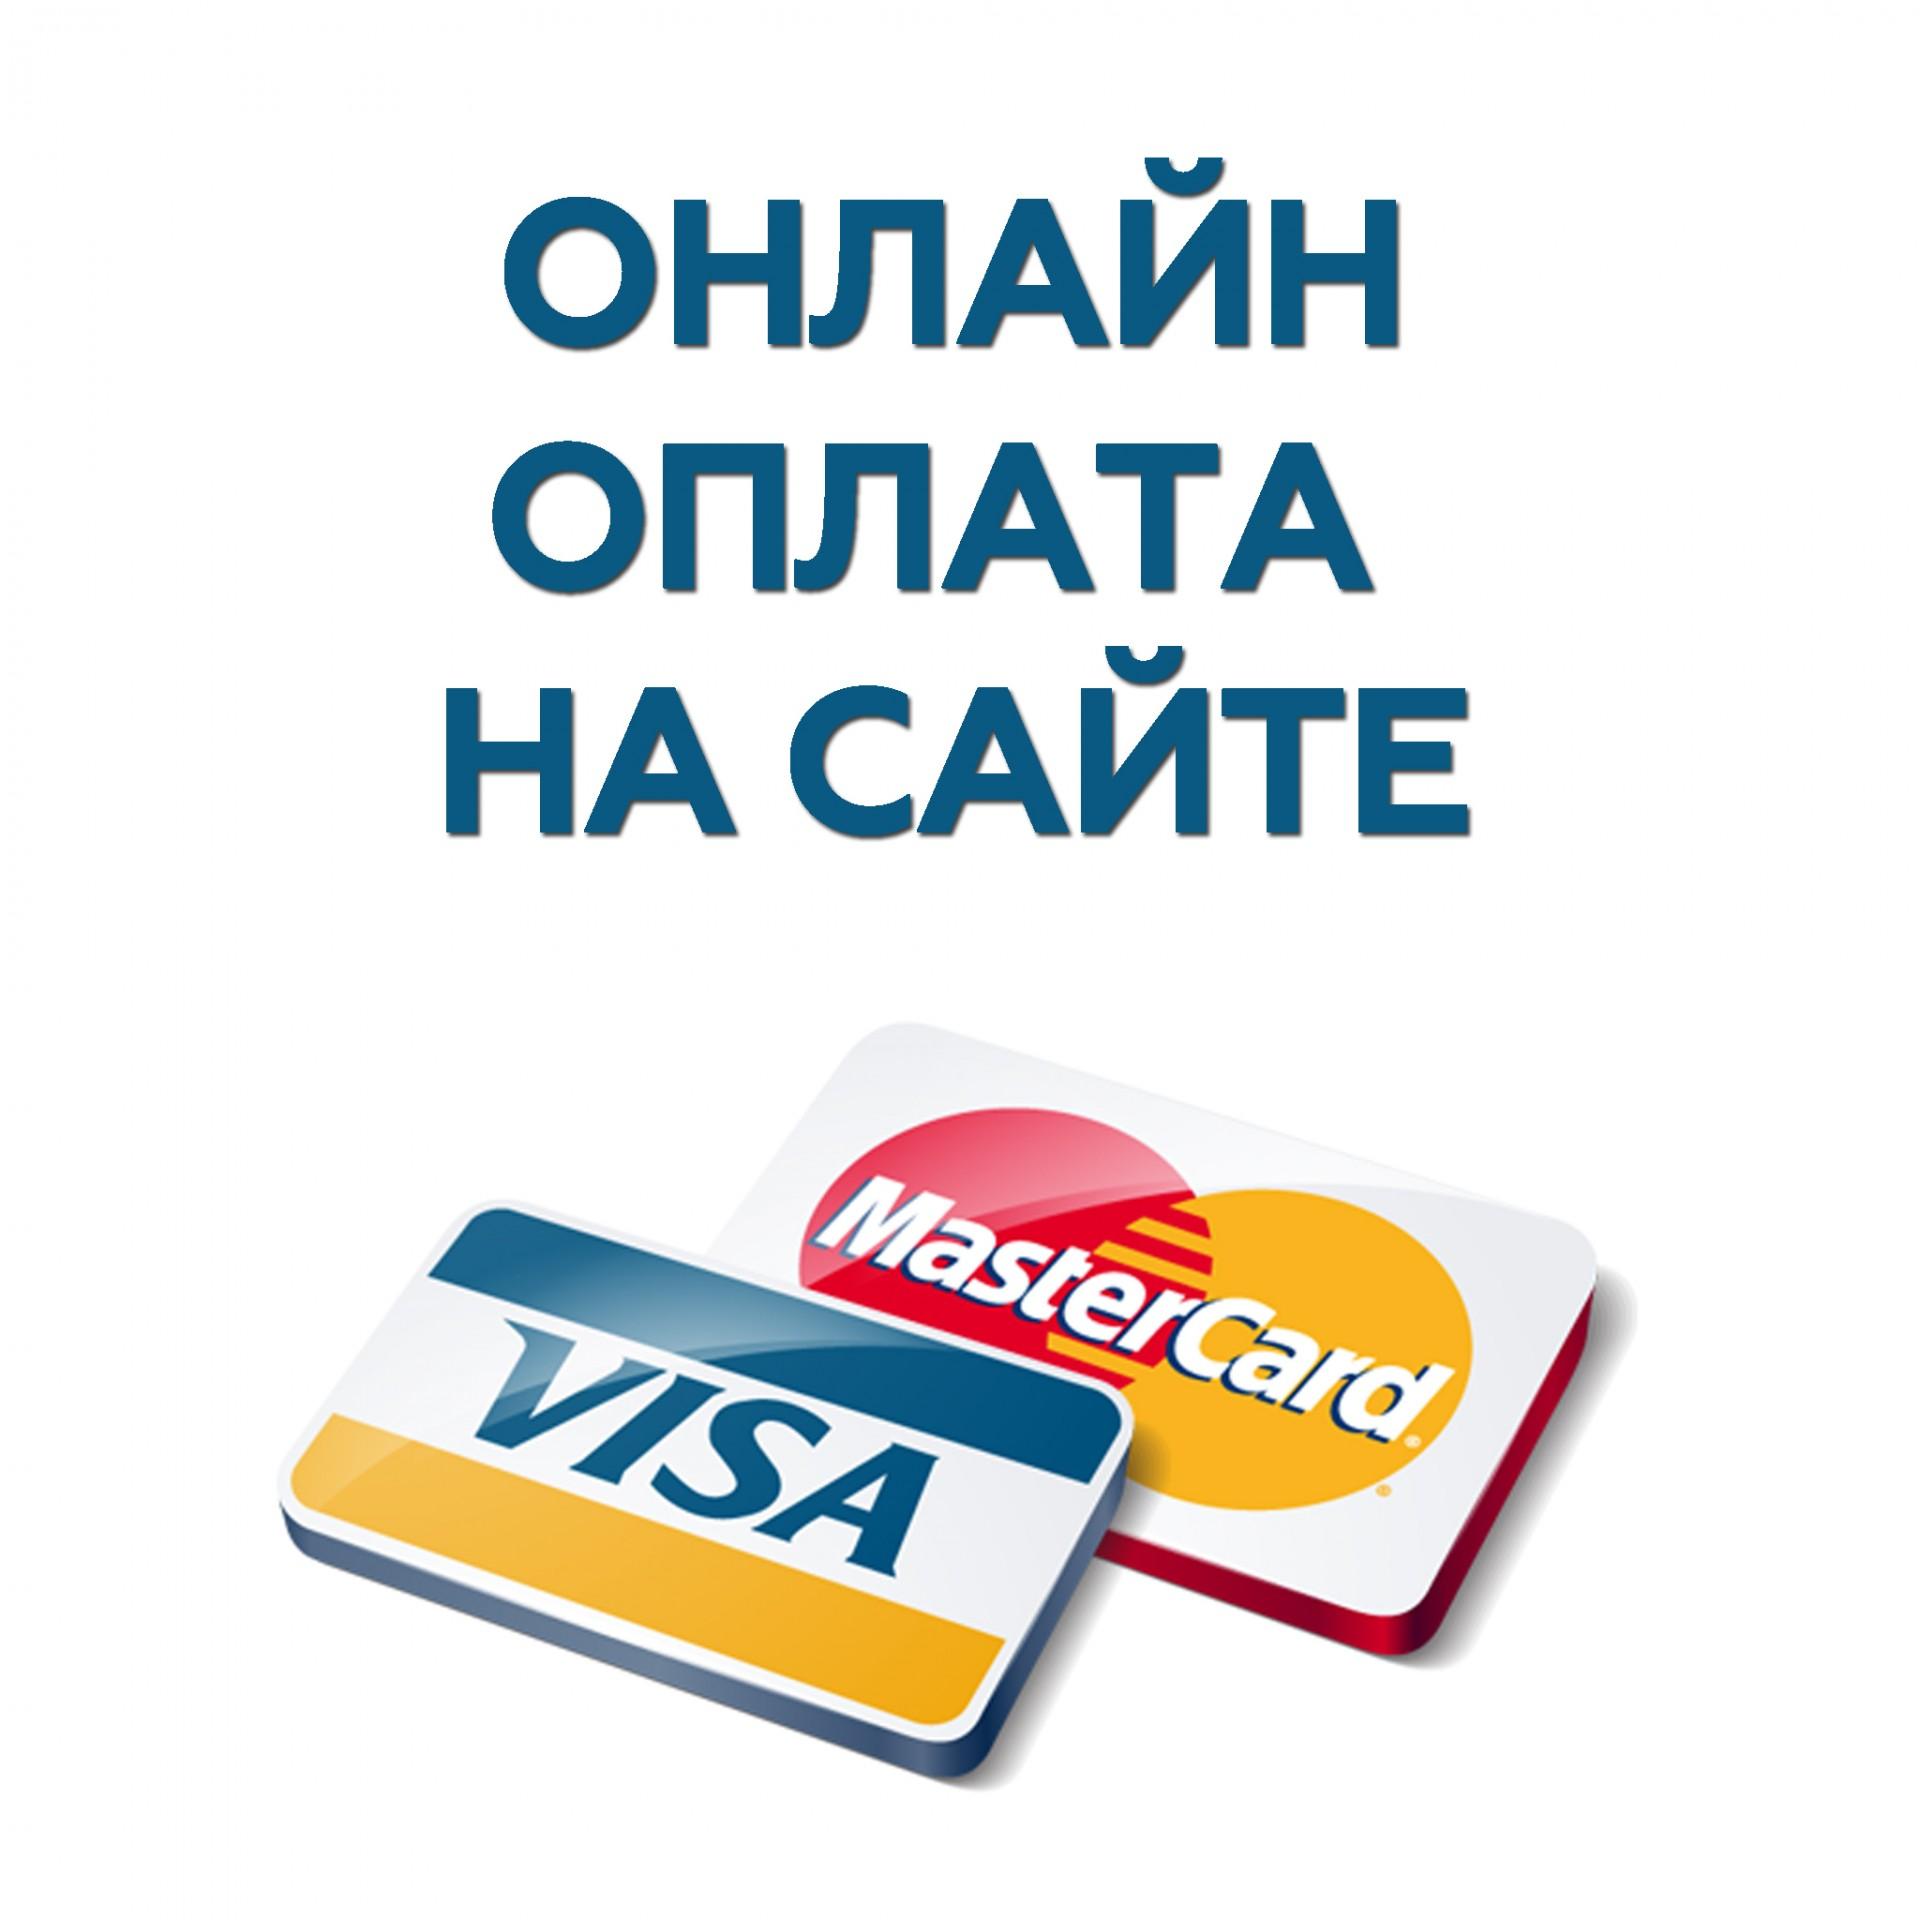 Теперь вы можете оплатить заказ онлайн любой картой Visa или MasterCard